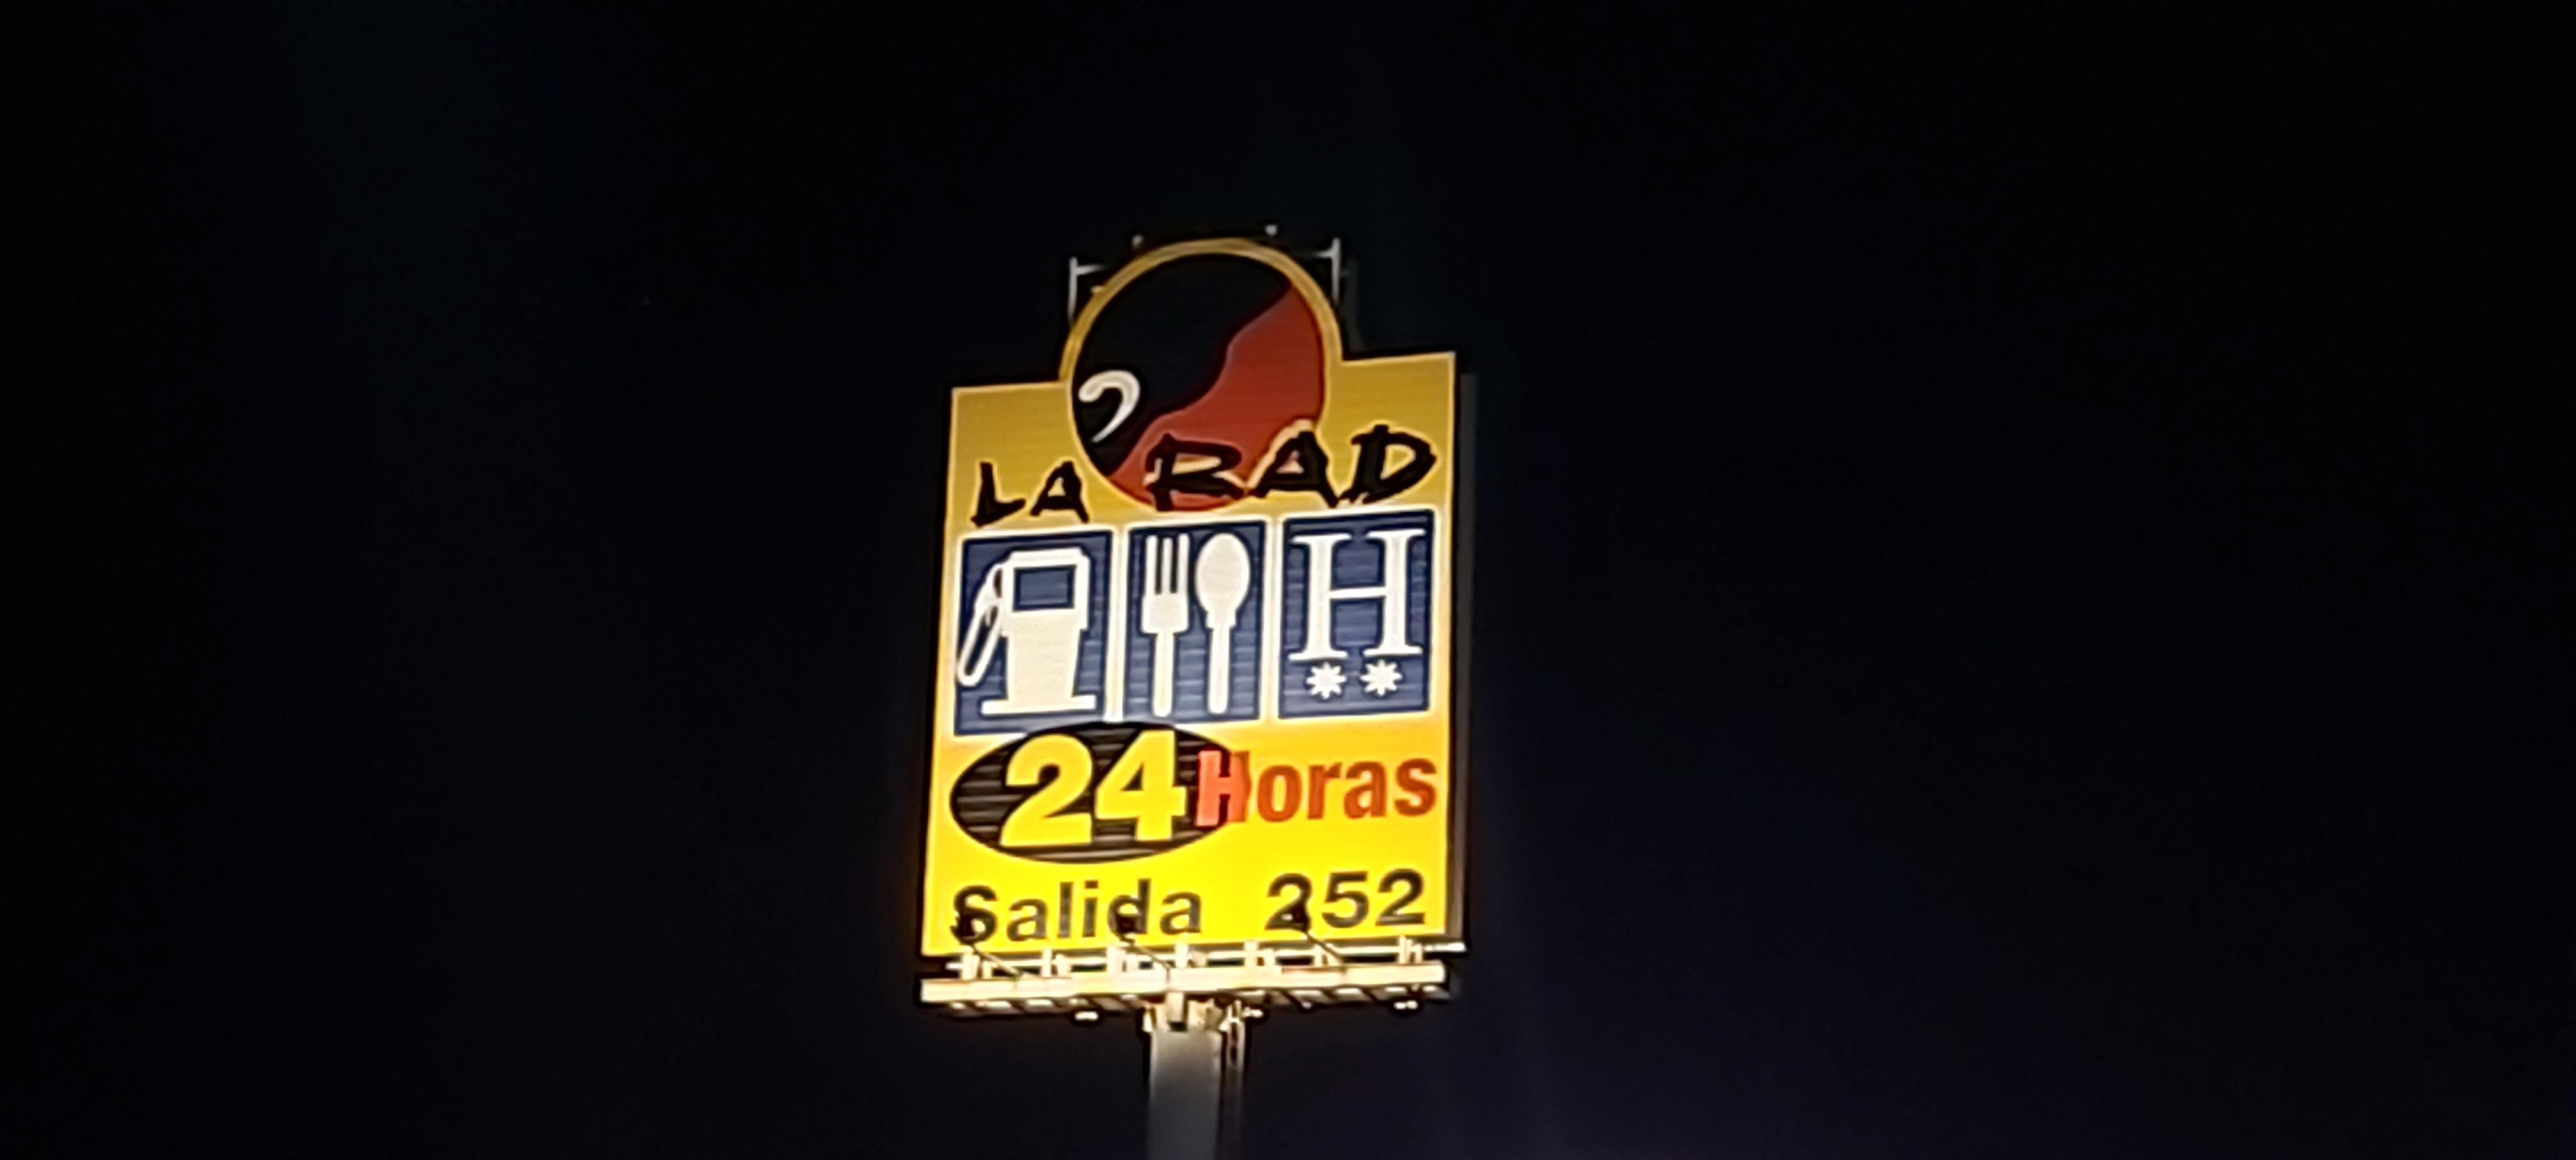 La Rad avec le logo en forme de muleta